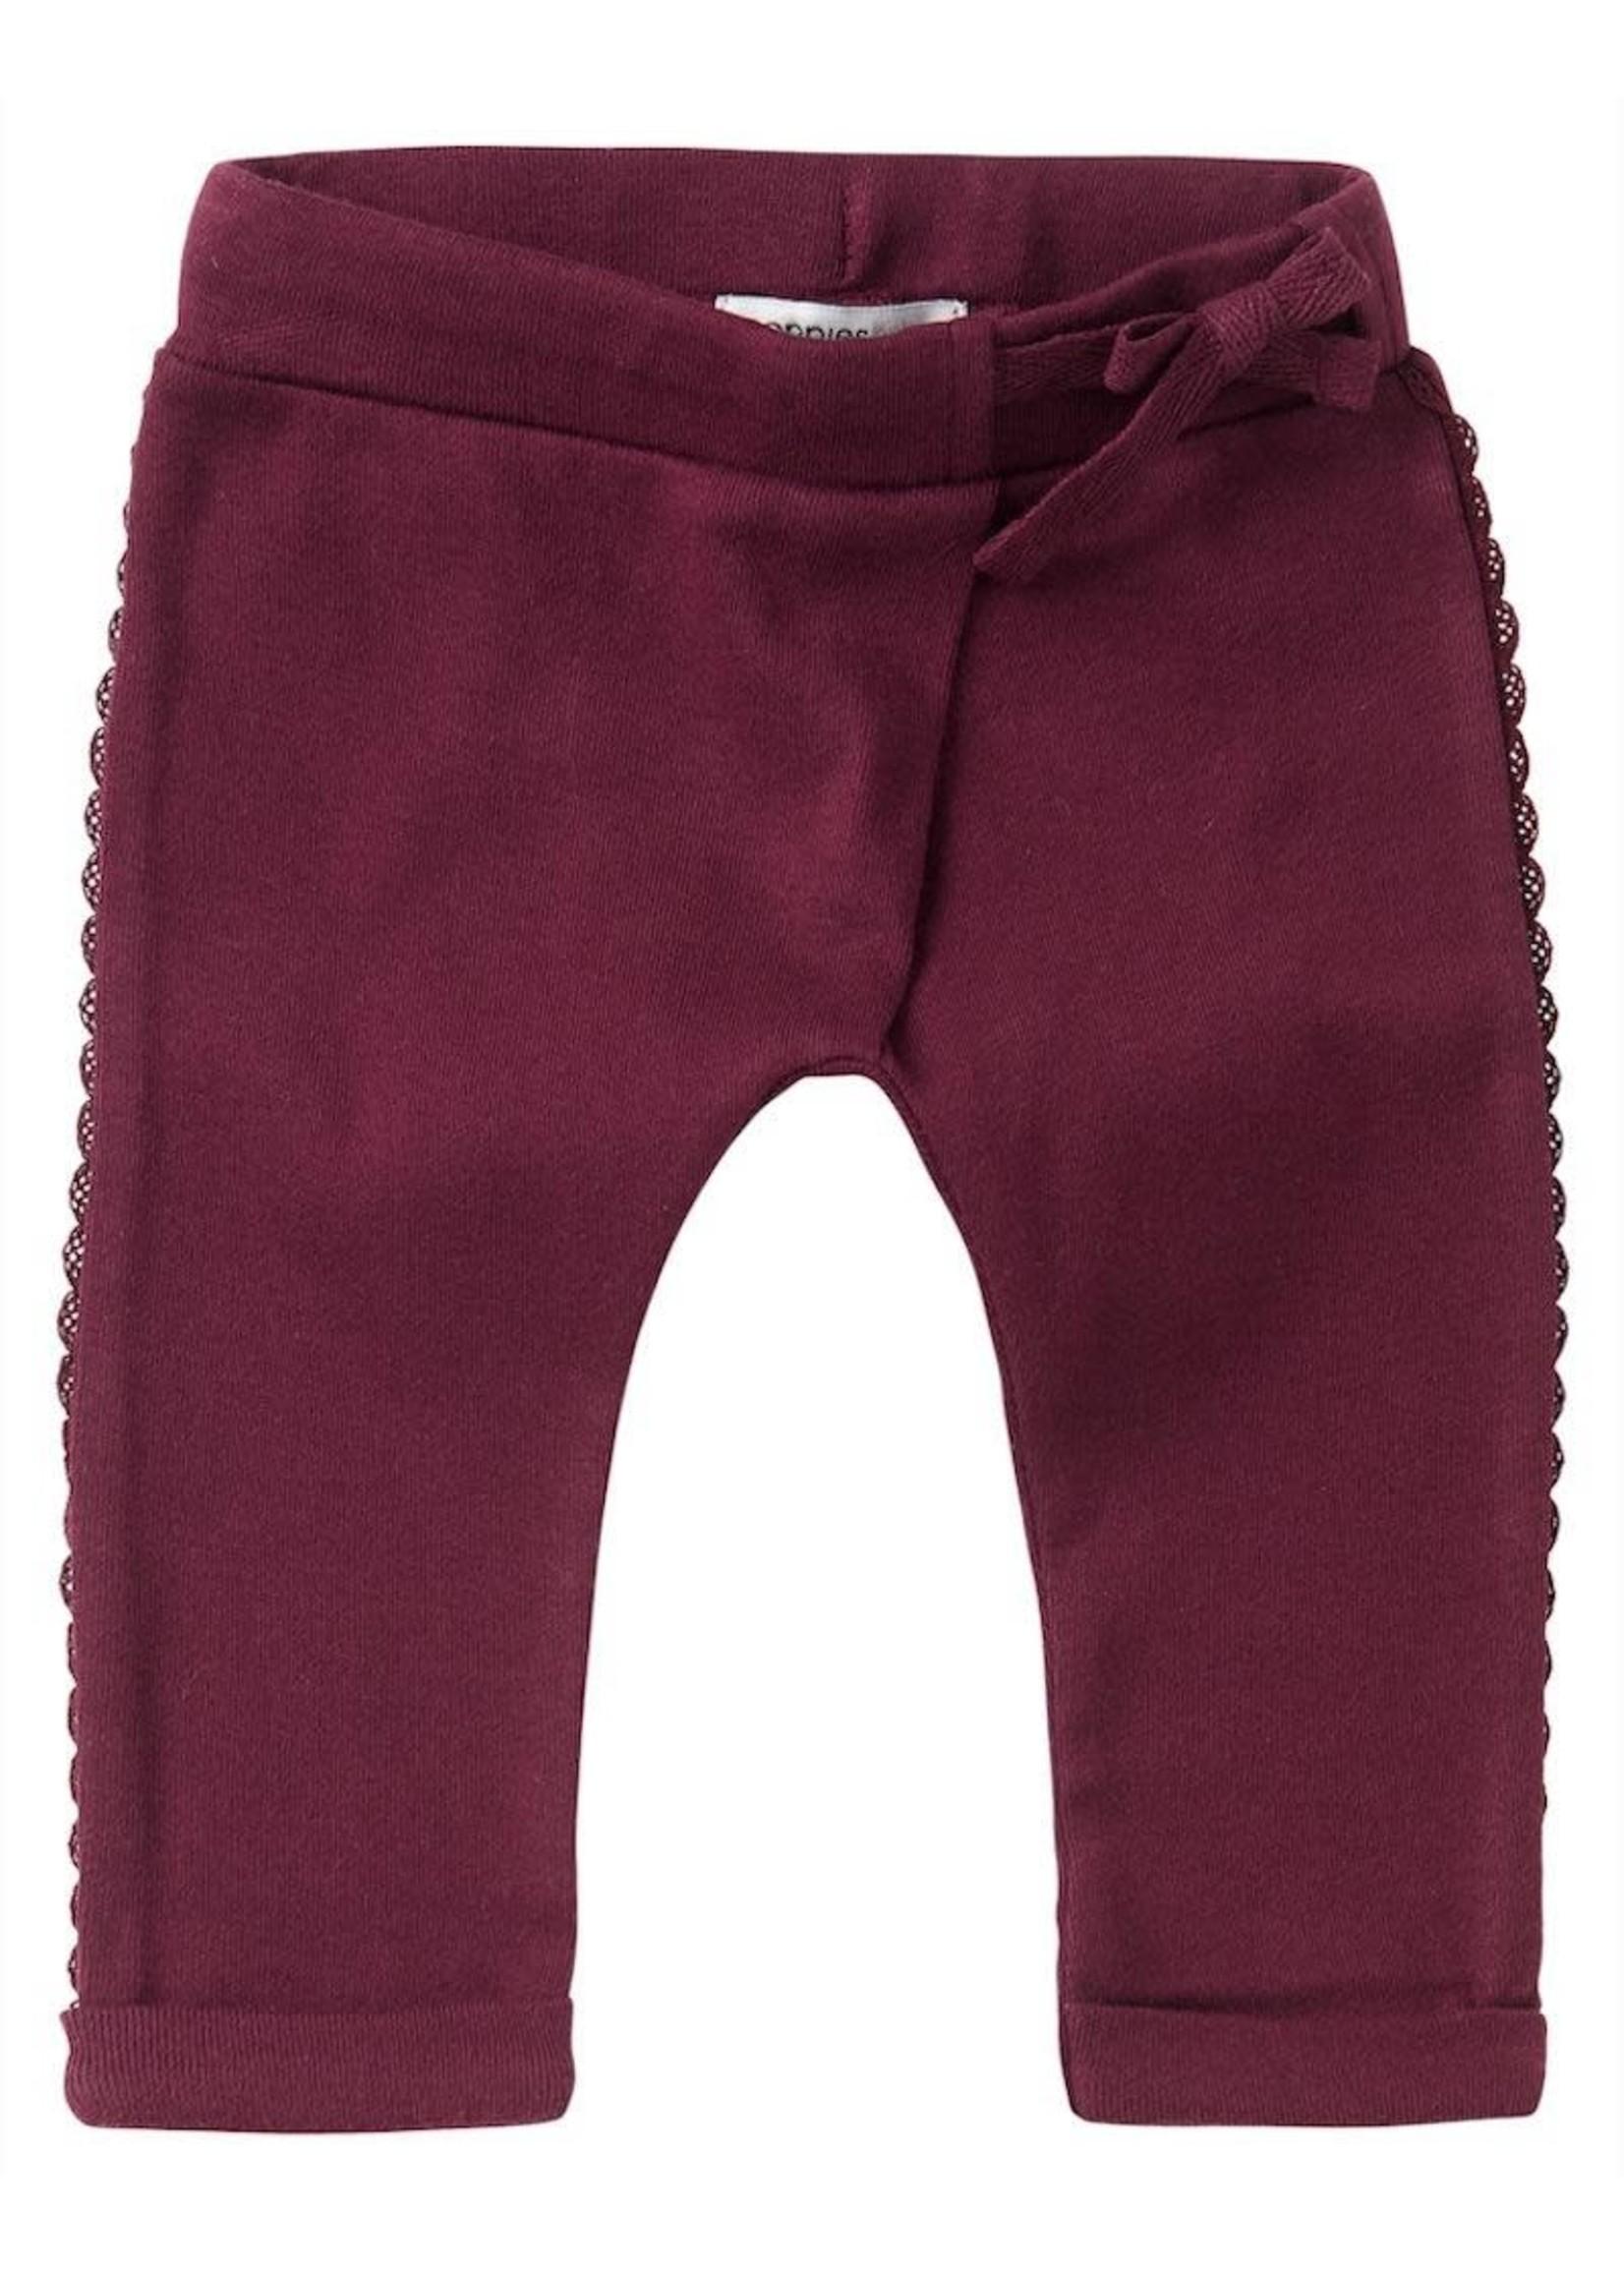 Noppies Kids Noppies Kids, Soekmekaar Baby Girl's Slim Fit Pants in Burgundy